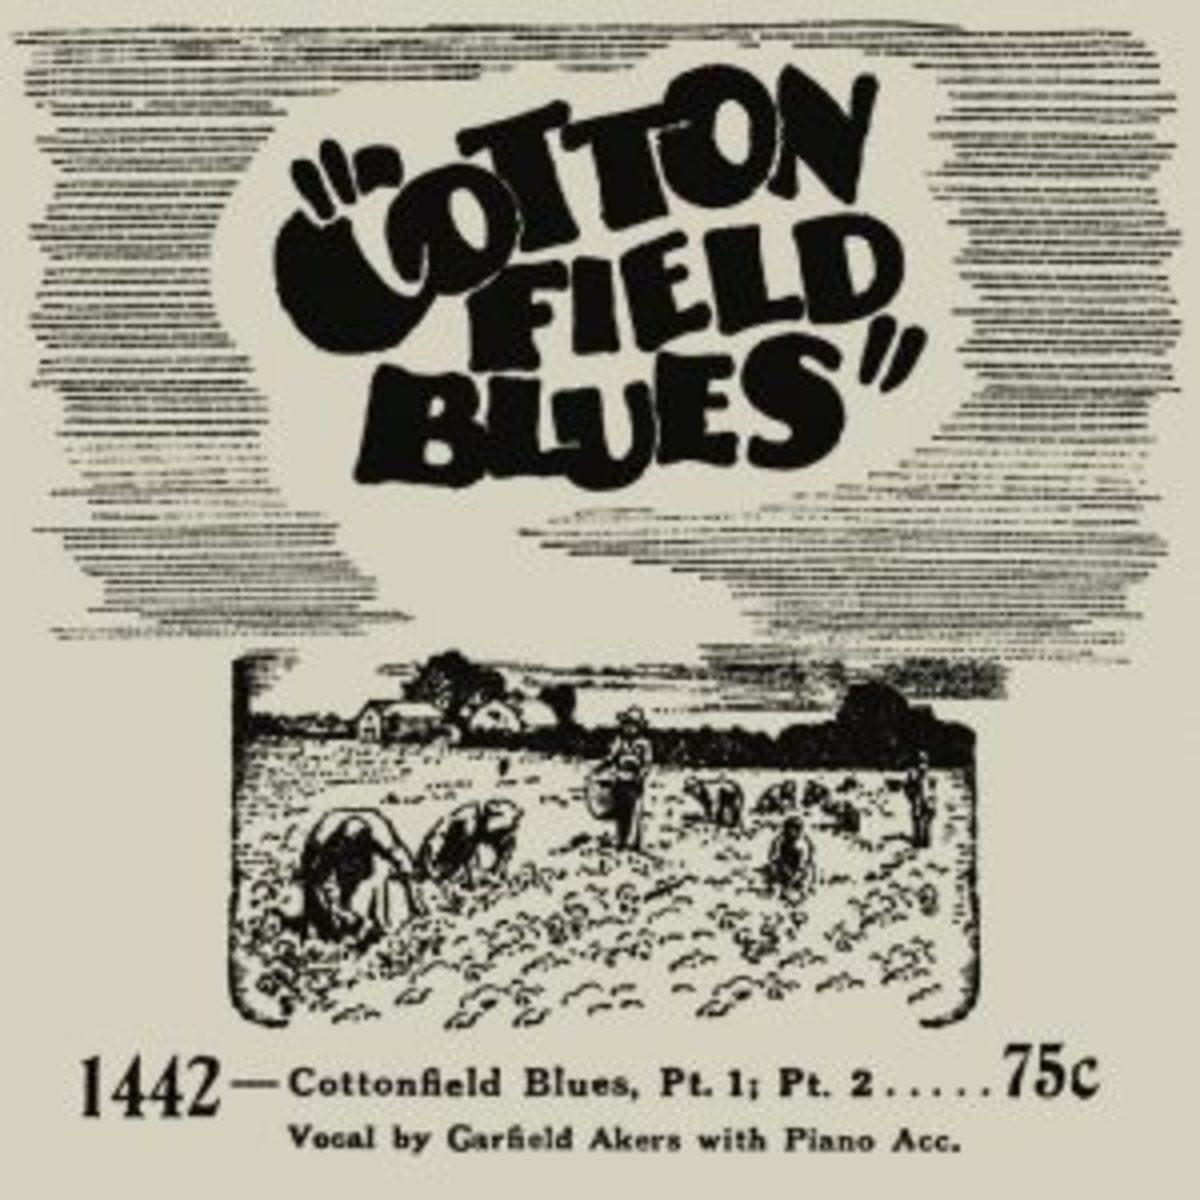 Image courtesy Blues Images